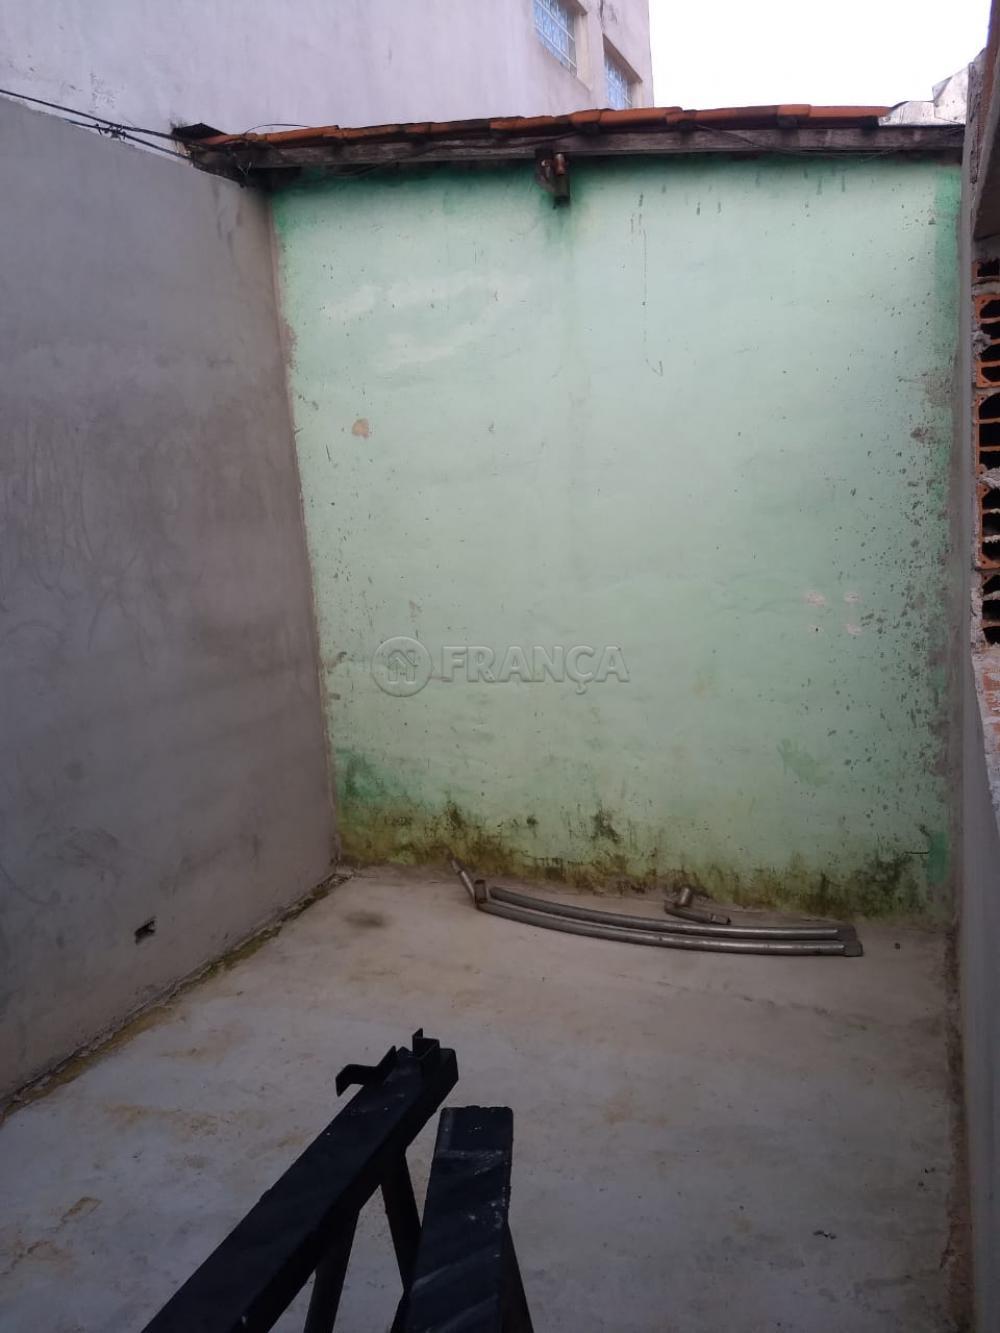 Comprar Casa / Padrão em Jacareí R$ 159.000,00 - Foto 11